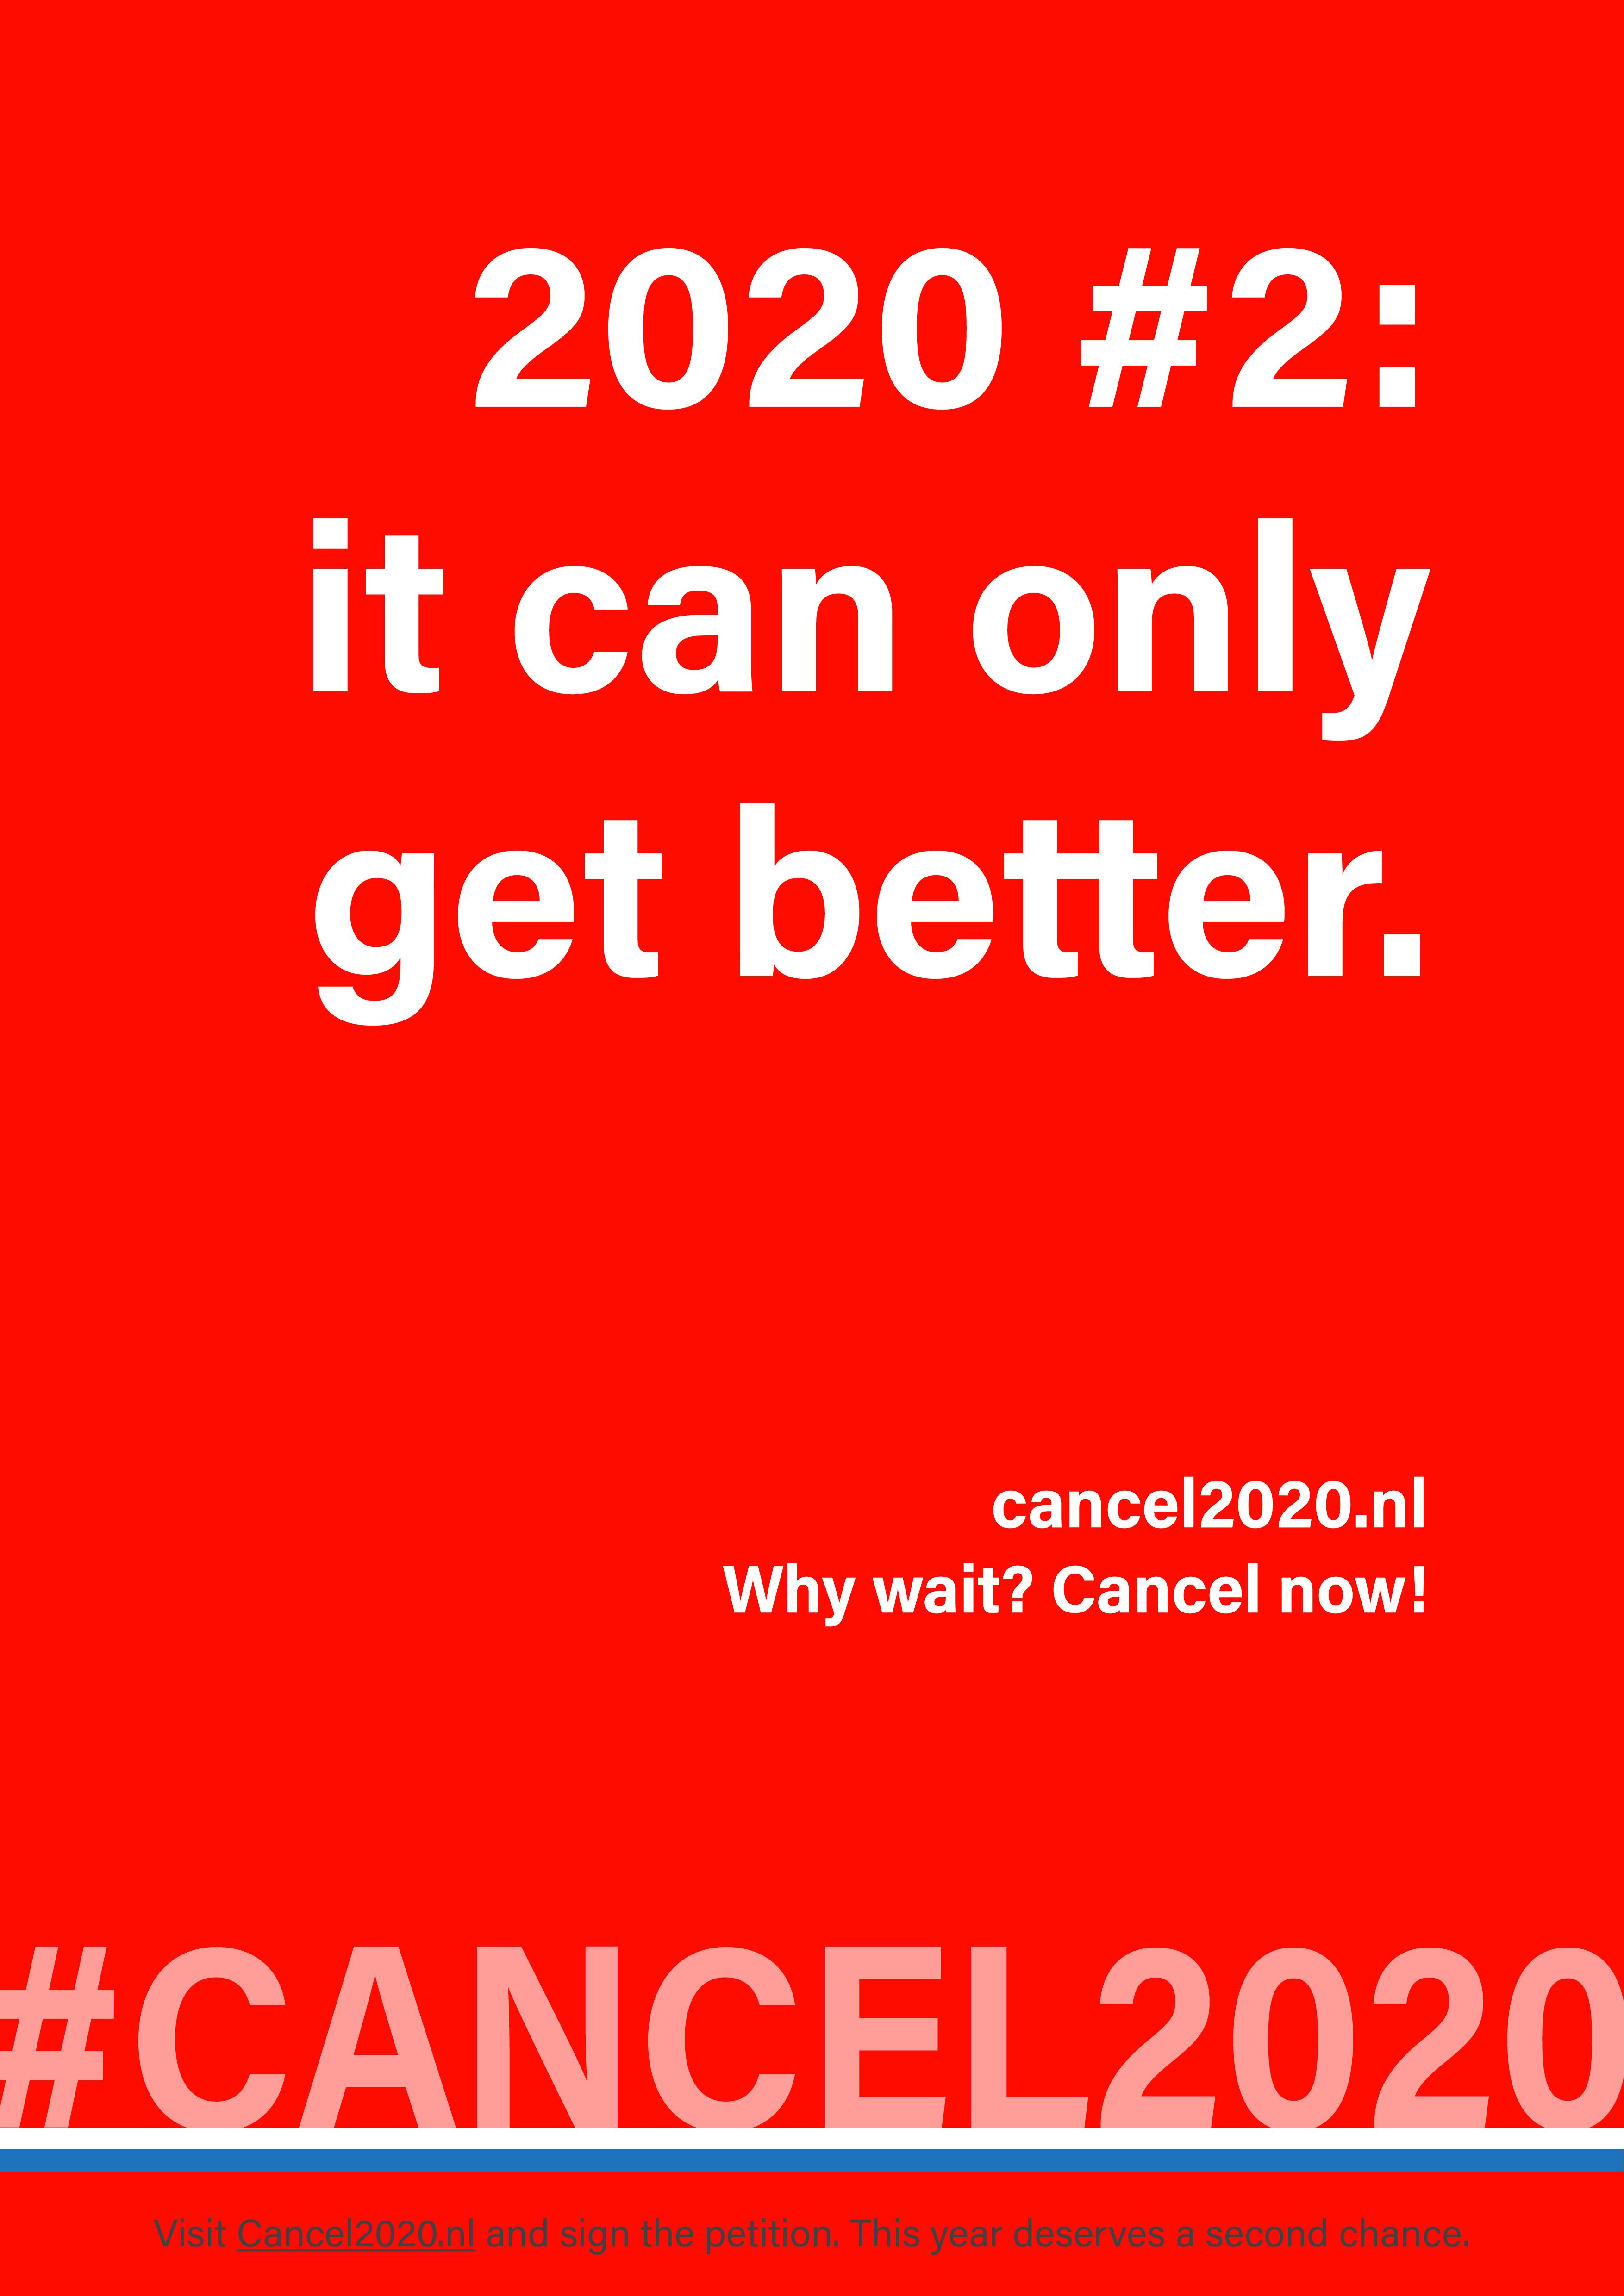 Cancel 2020 quotes-07